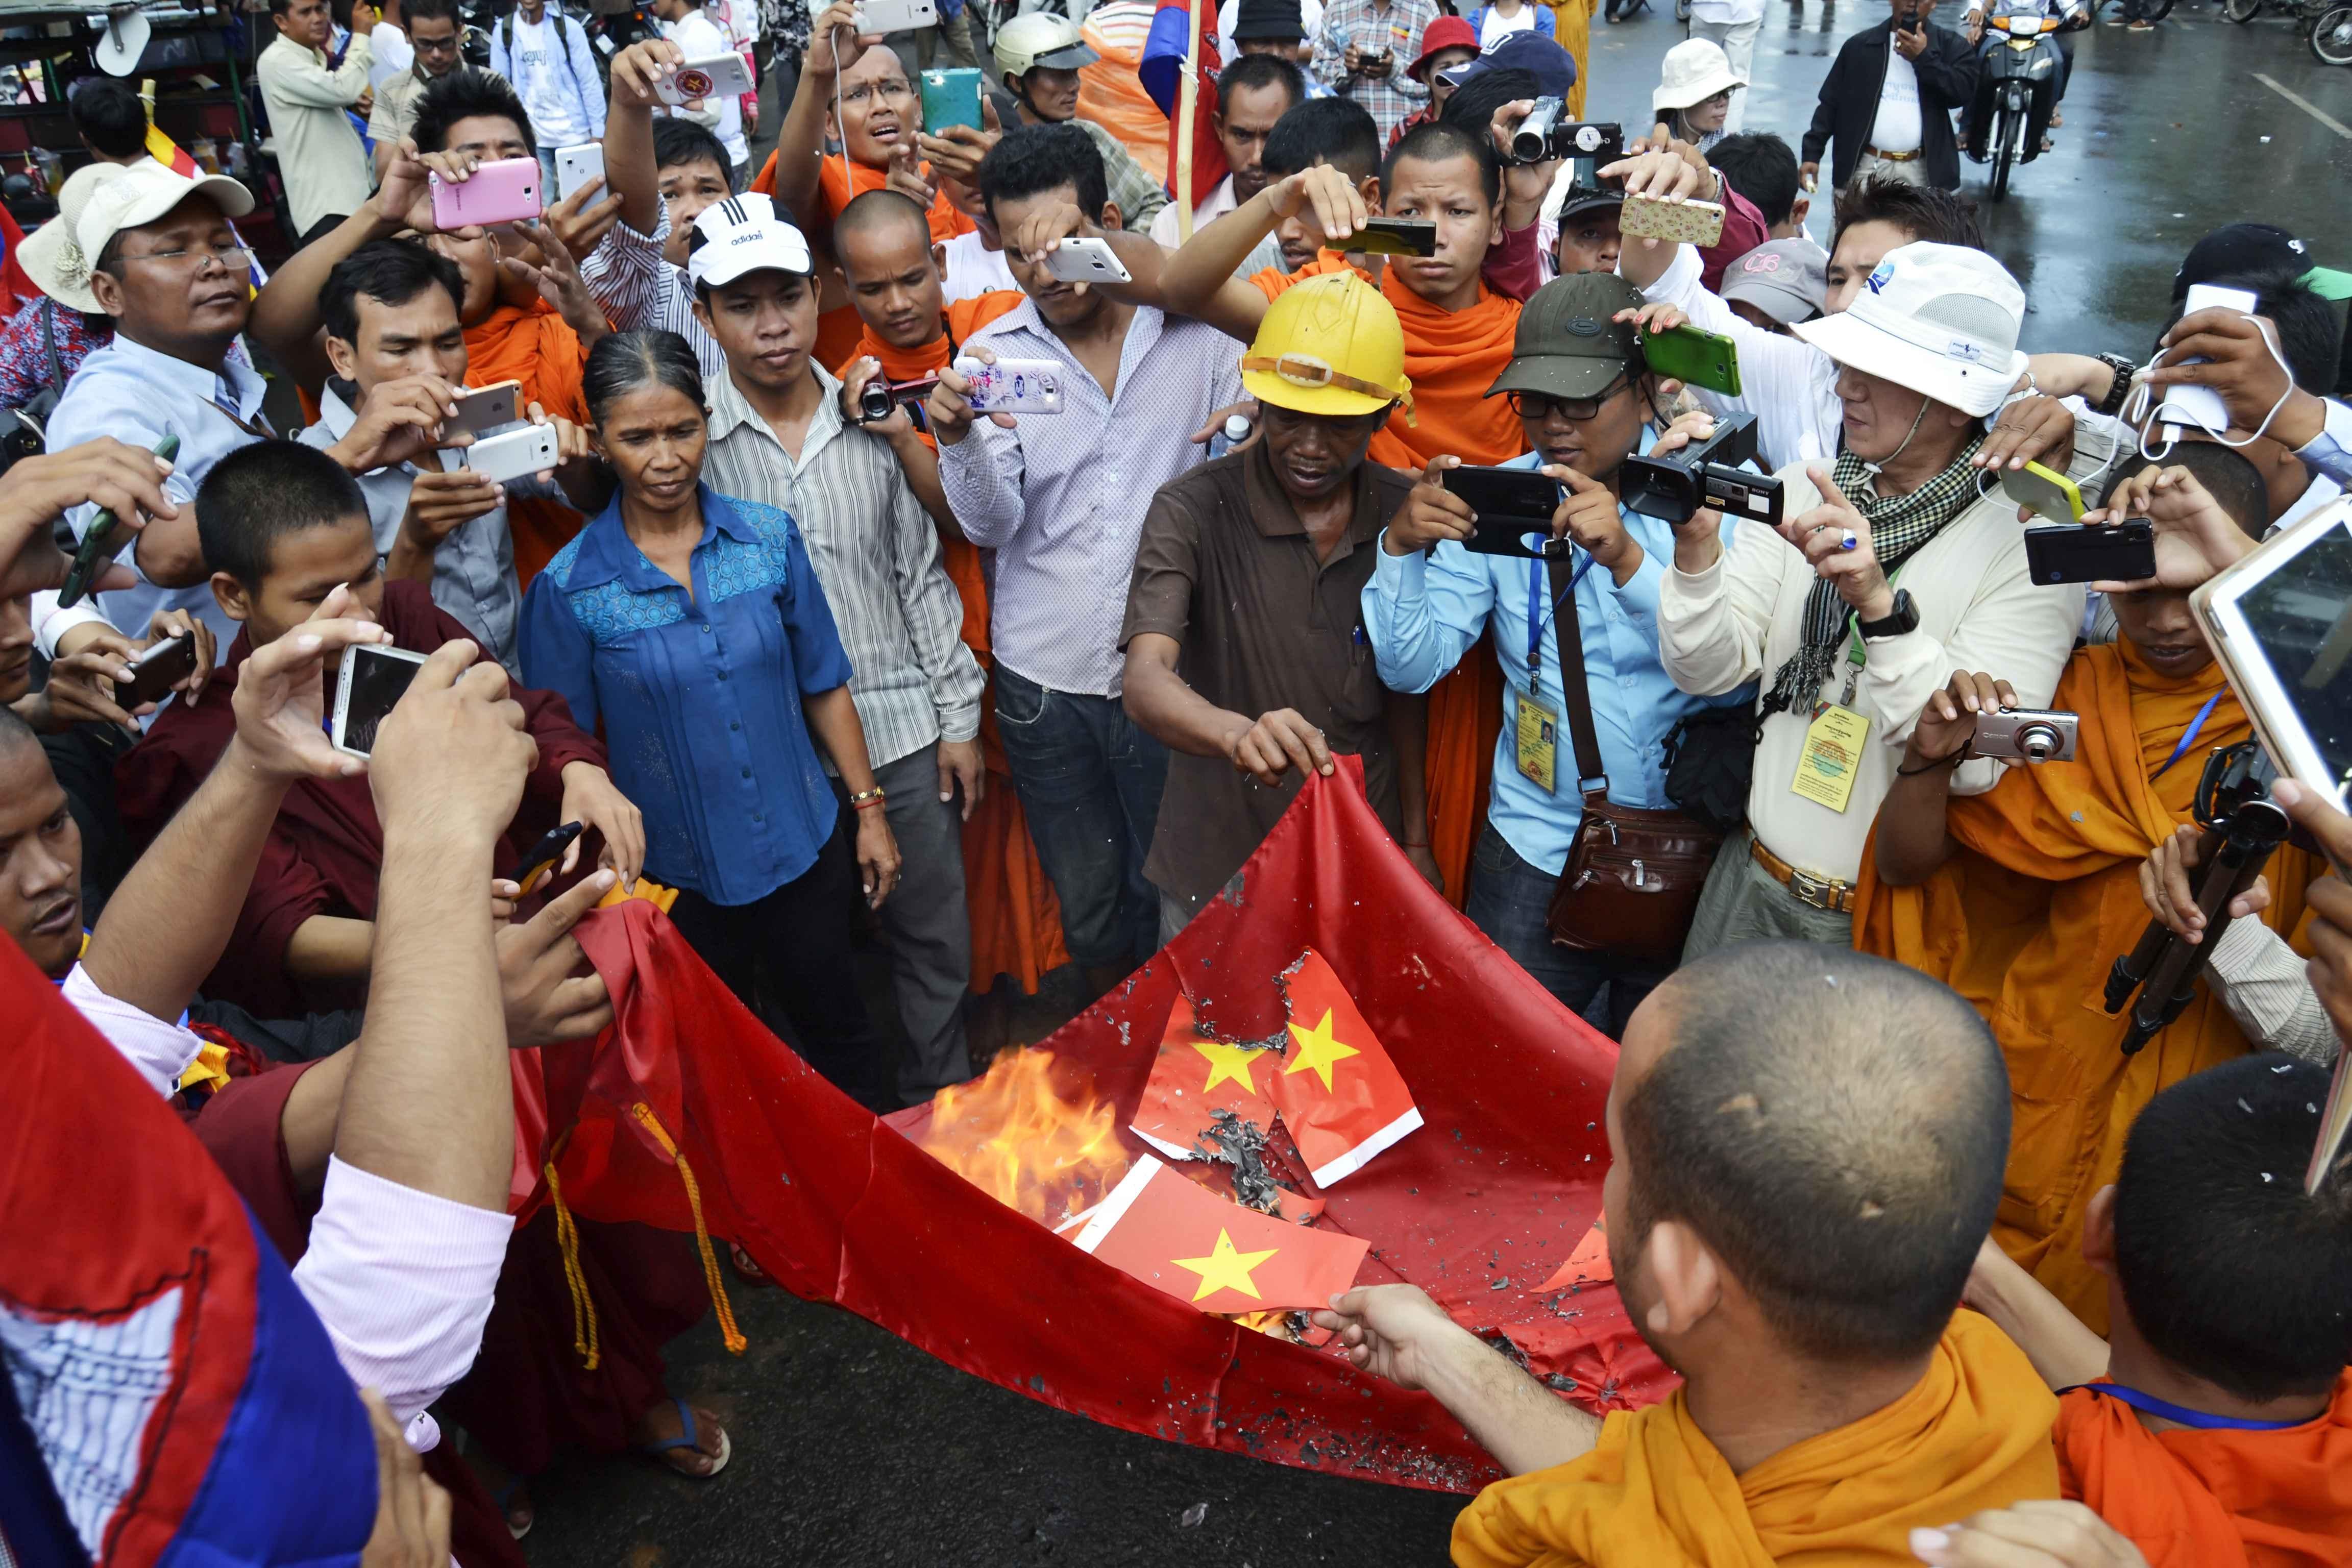 Cộng đồng Khmer Krom ở Phnom Penh đã tổ chức một số cuộc biểu tình trước tòa đại sứ Việt Nam để đòi xin lỗi, và dọa sẽ tiếp tục biểu tình cho tới khi có phản hồi chính thức của chính quyền cả Việt Nam và Campuchia. Ảnh: Son Cheng Chon